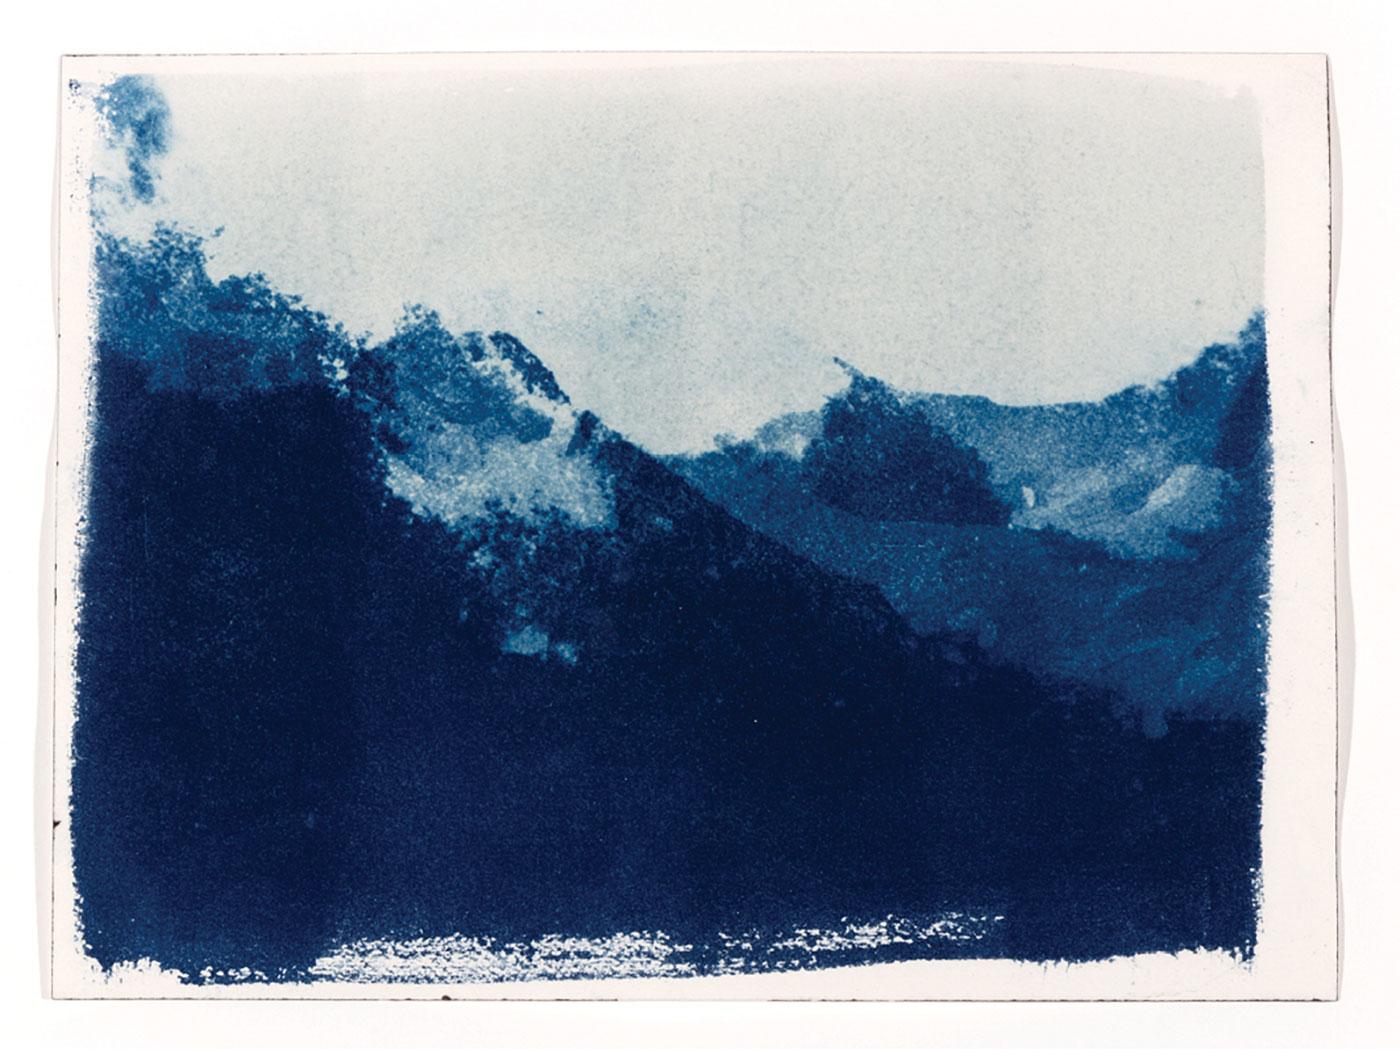 Kacie L. Baker - Snowcaps